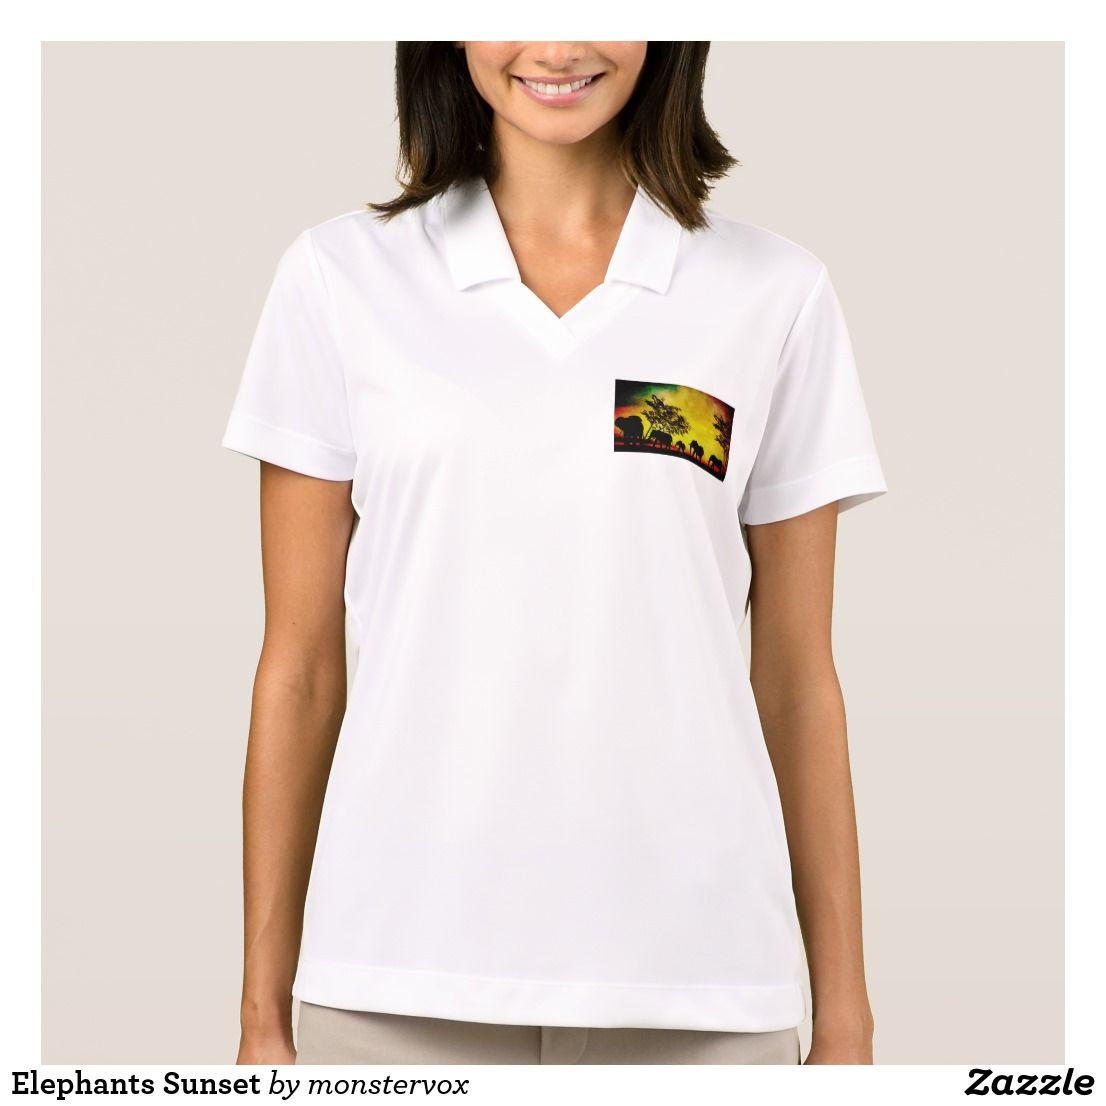 Elephants Sunset Polo Shirt My Zazzle Products At Zazzle